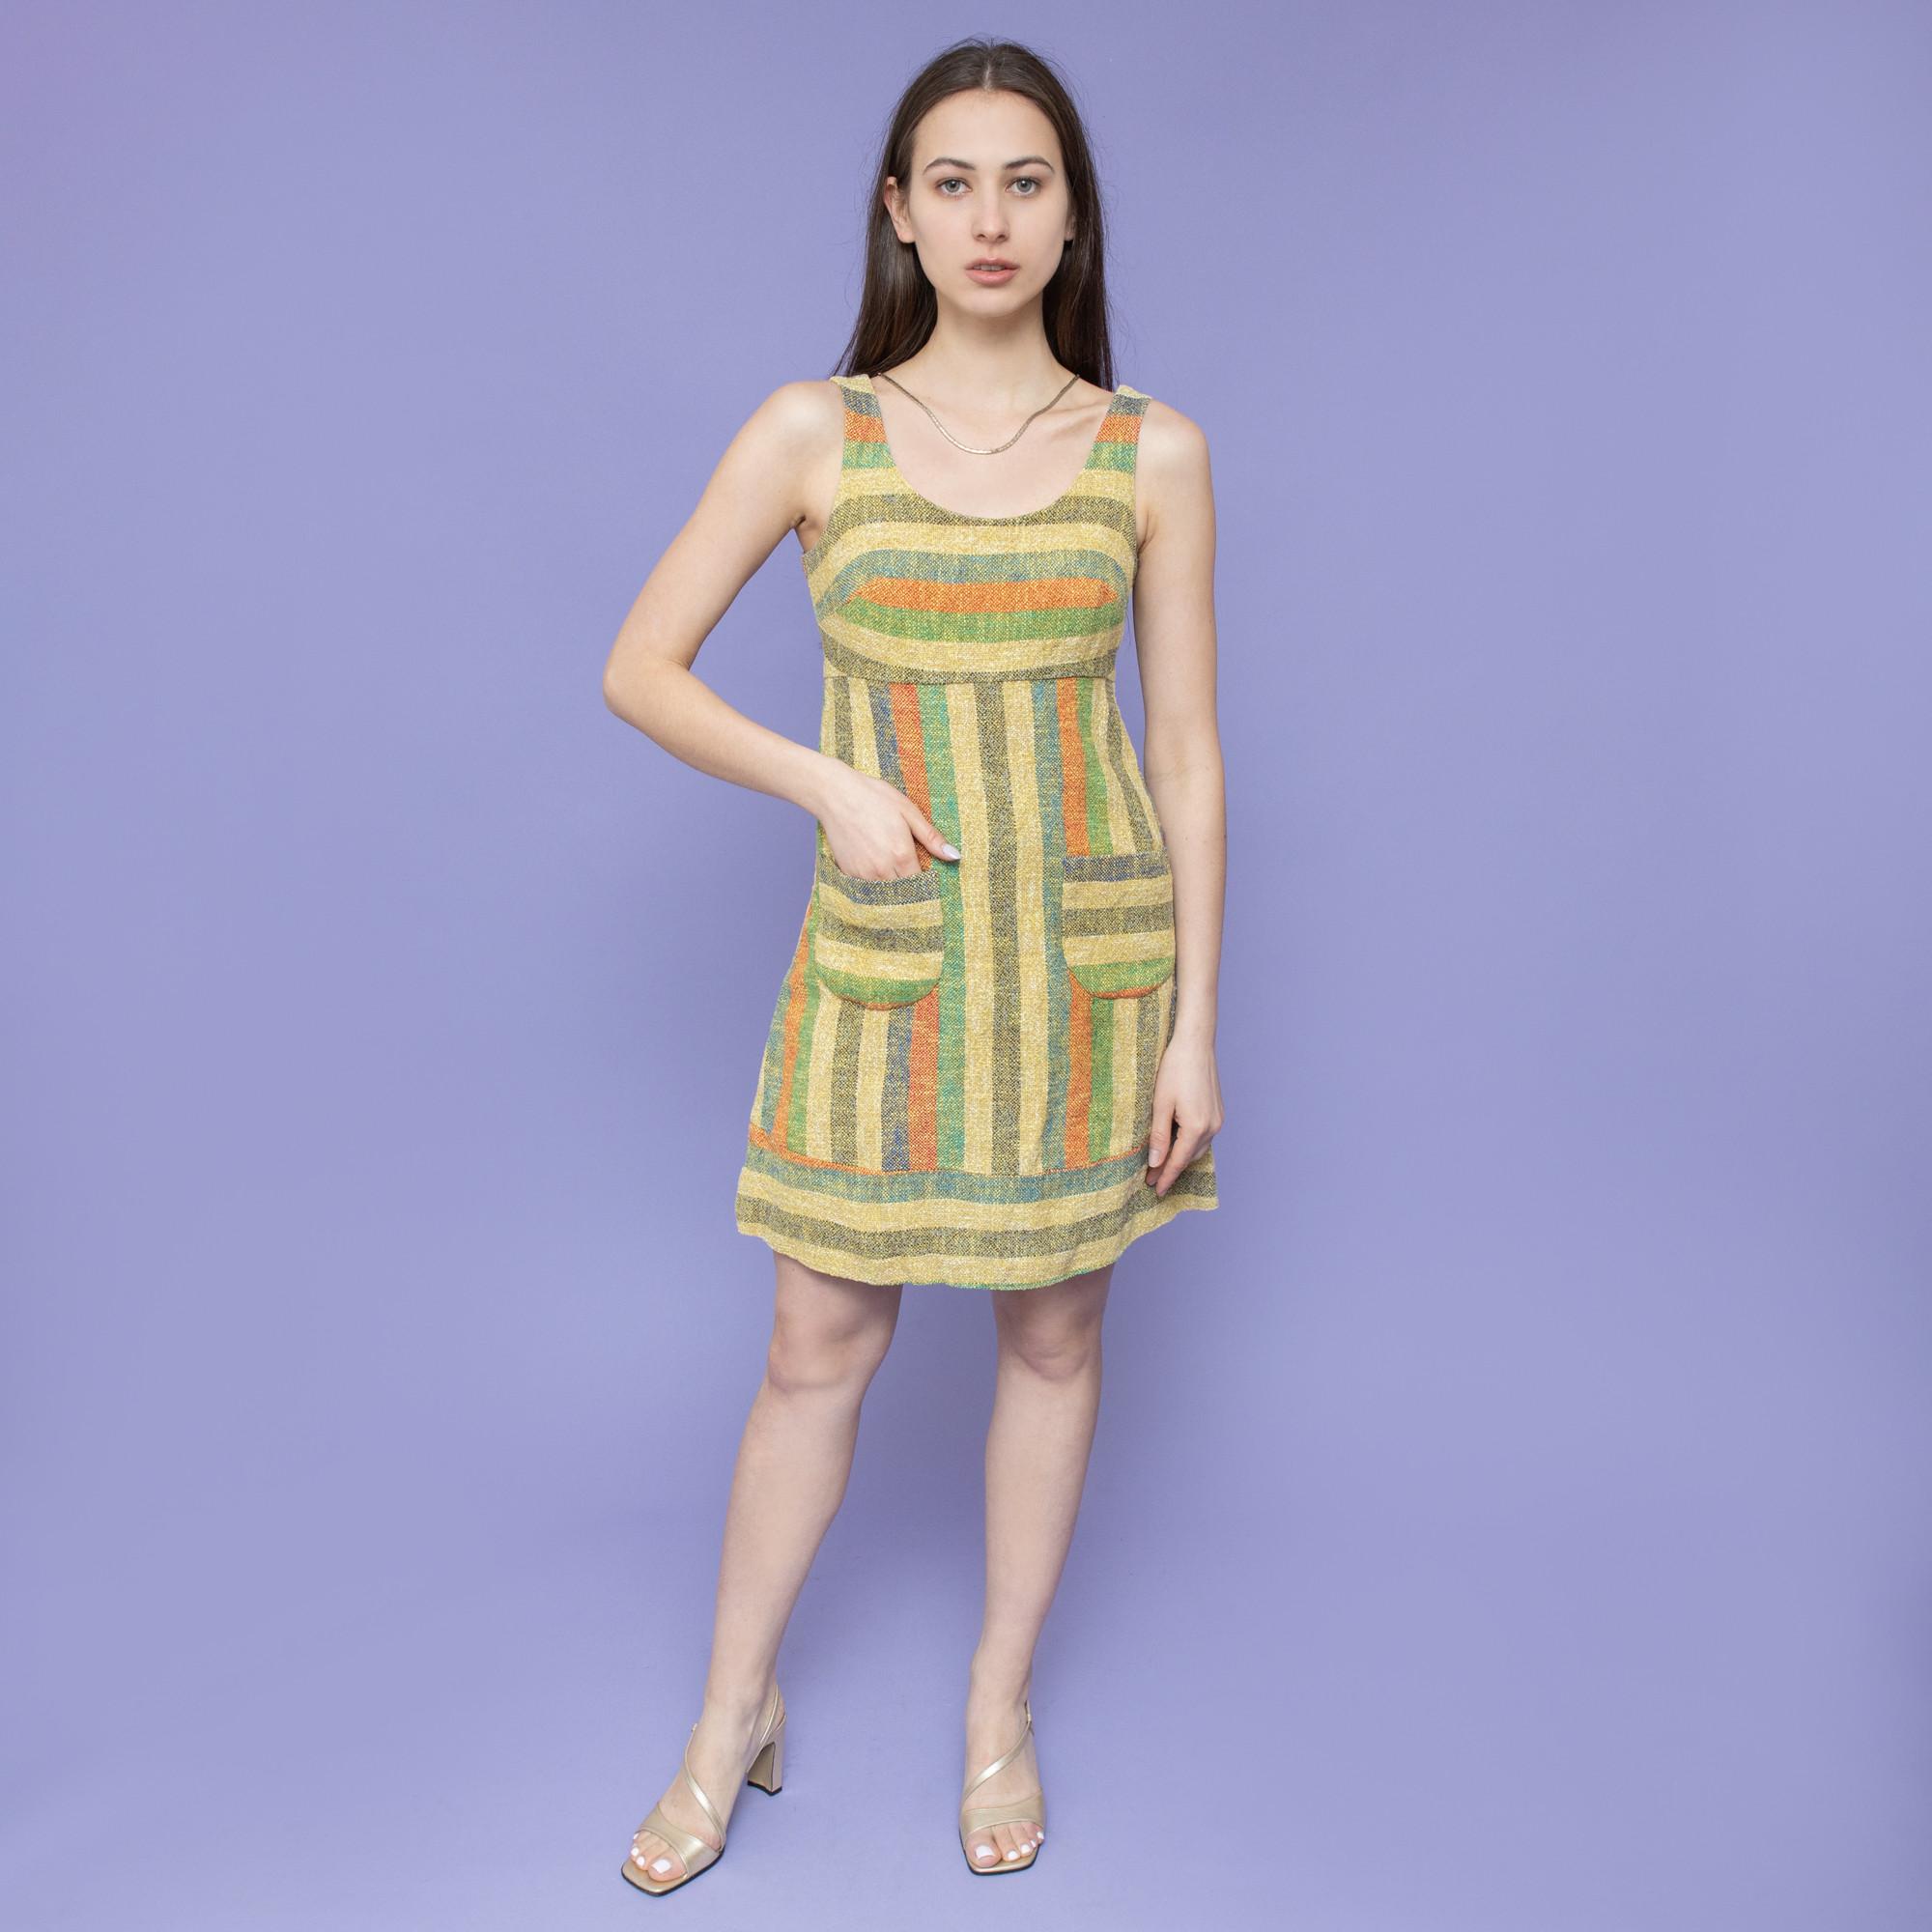 Sukienka w pasy lata 60-70-te - KEX Vintage Store | JestemSlow.pl